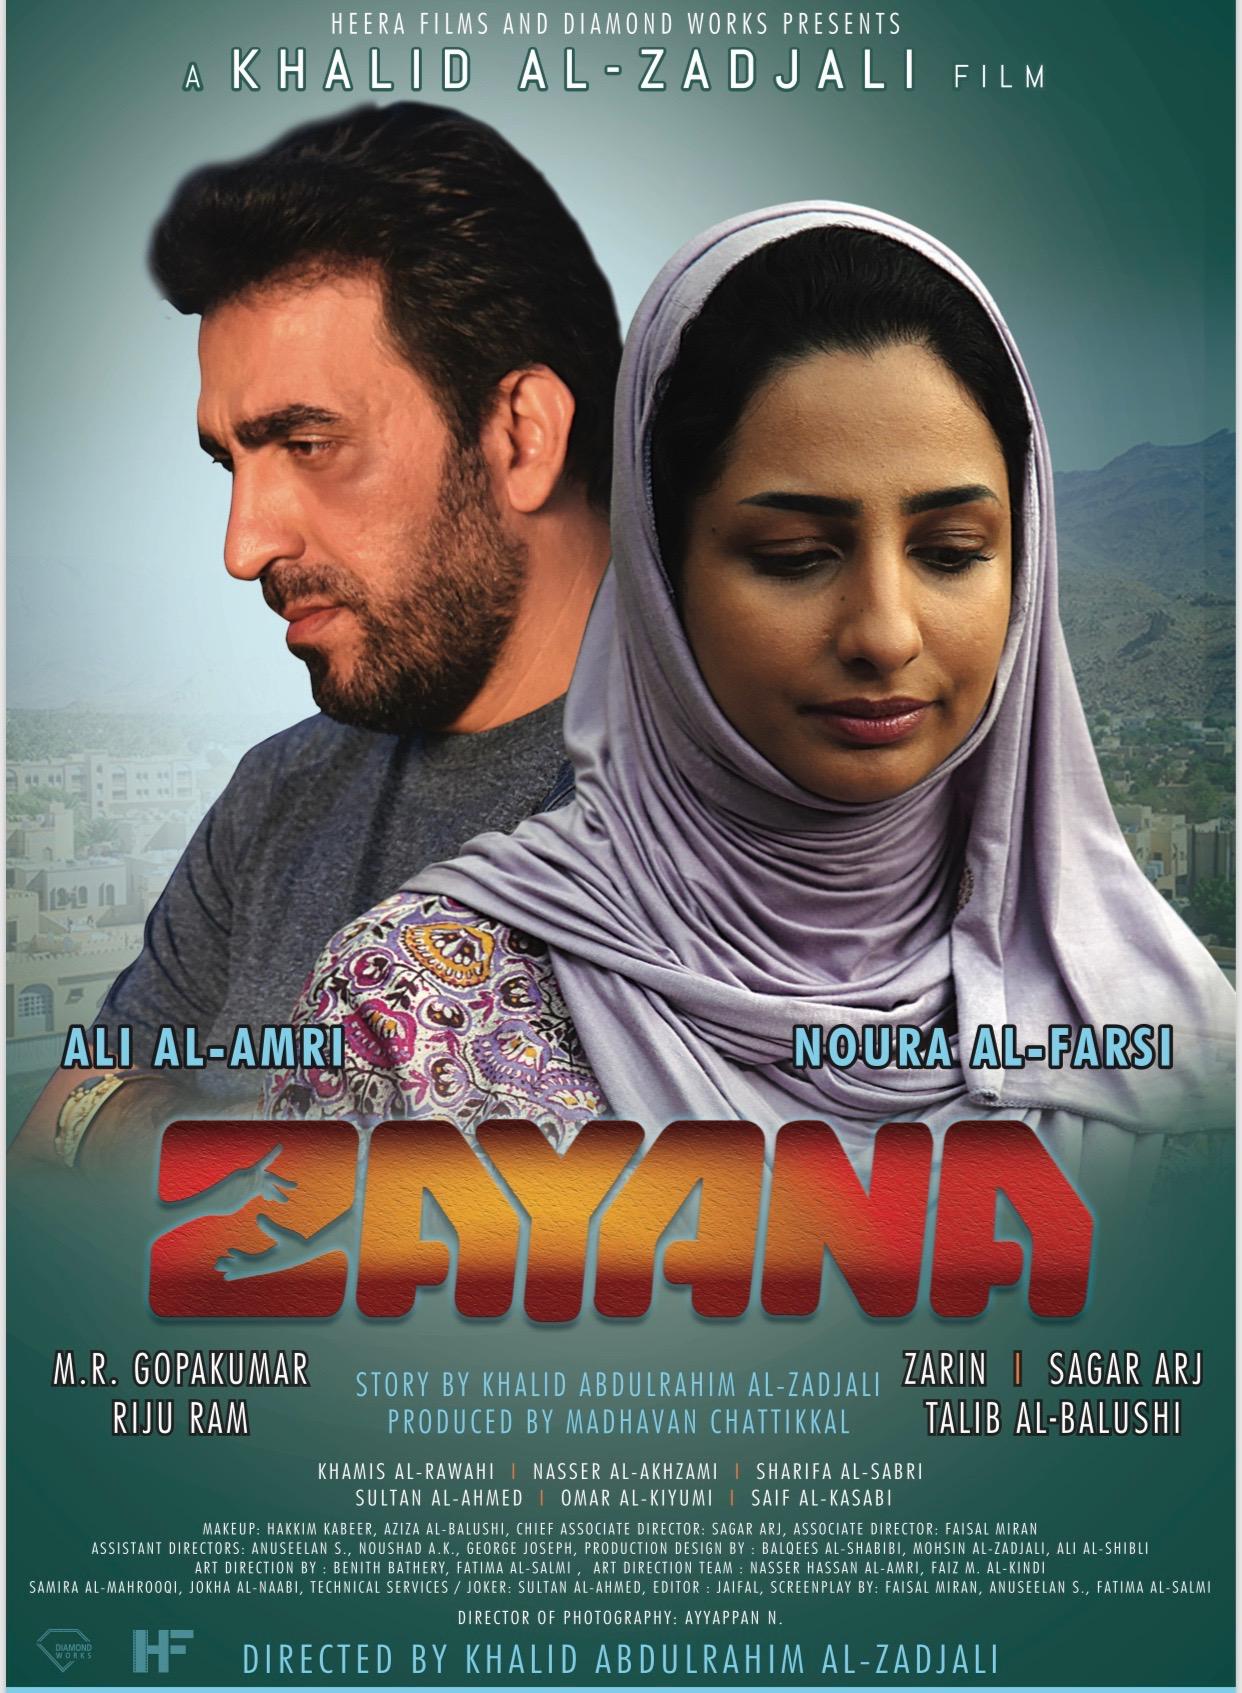 """الفيلم العُماني الهندي """" زيانة """" يشارك في الدورة الرابعة لمهرجان القدس السينمائي الدولي."""